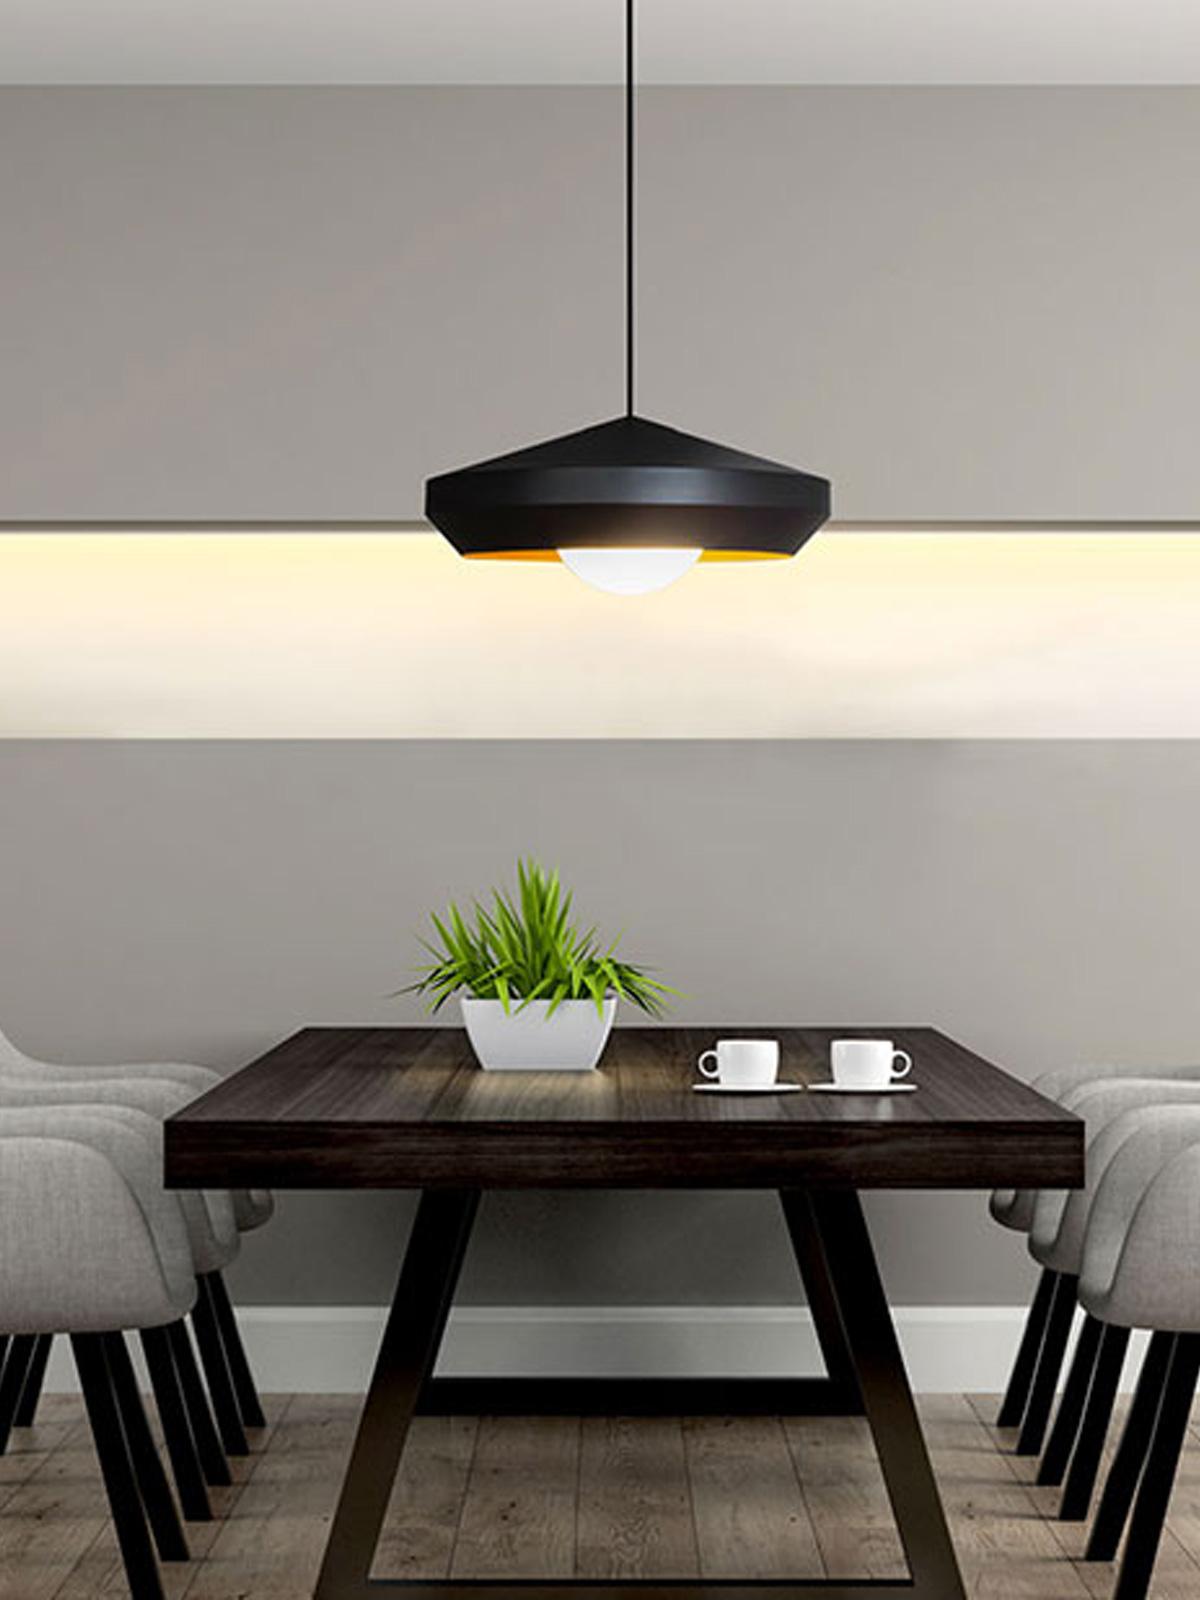 DesignOrt Blog: Designer im Portrait James Bartlett Hoxton Innermost Lampe Leuchte Pendelleuchte Hängelampe Designort